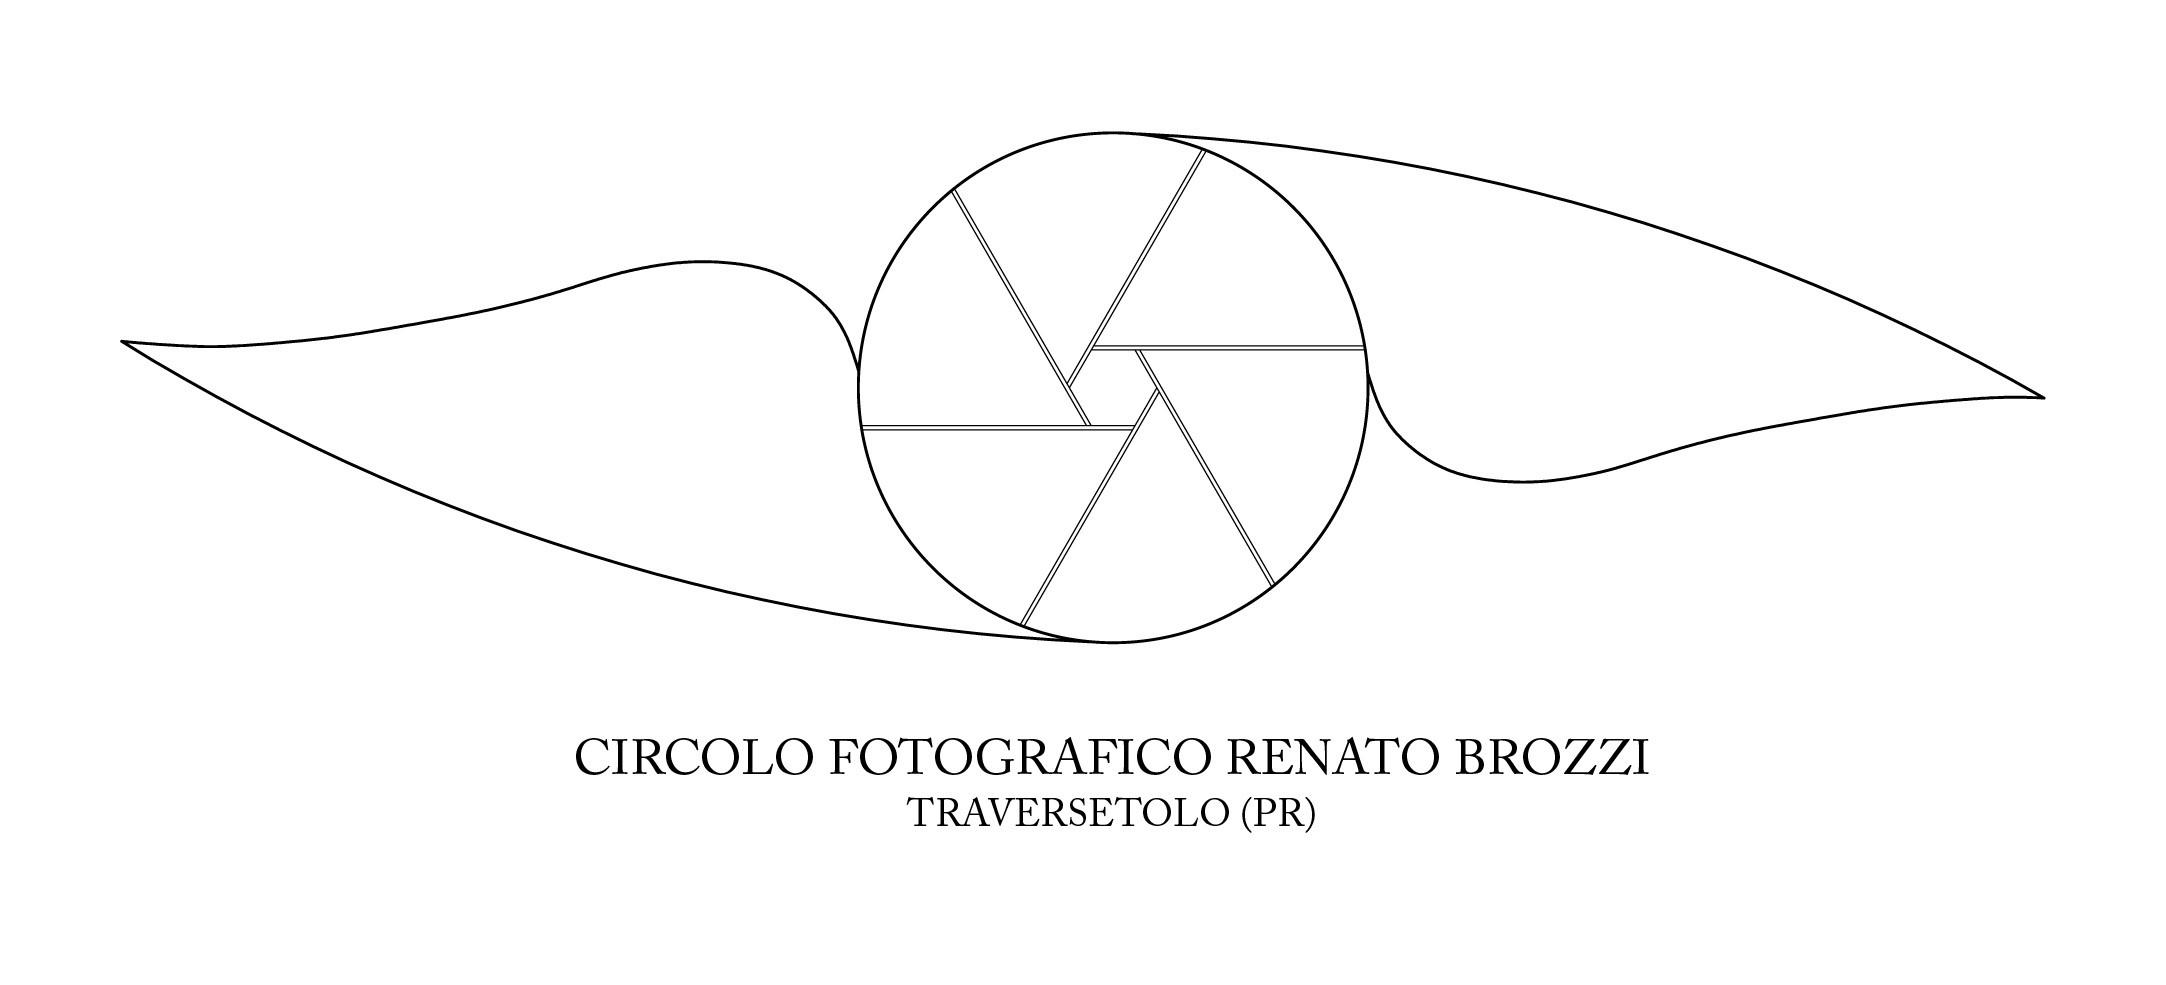 APPUNTAMENTI AL BROZZI - SERATA TECNICA Il fotografo Stefano Cavazzini